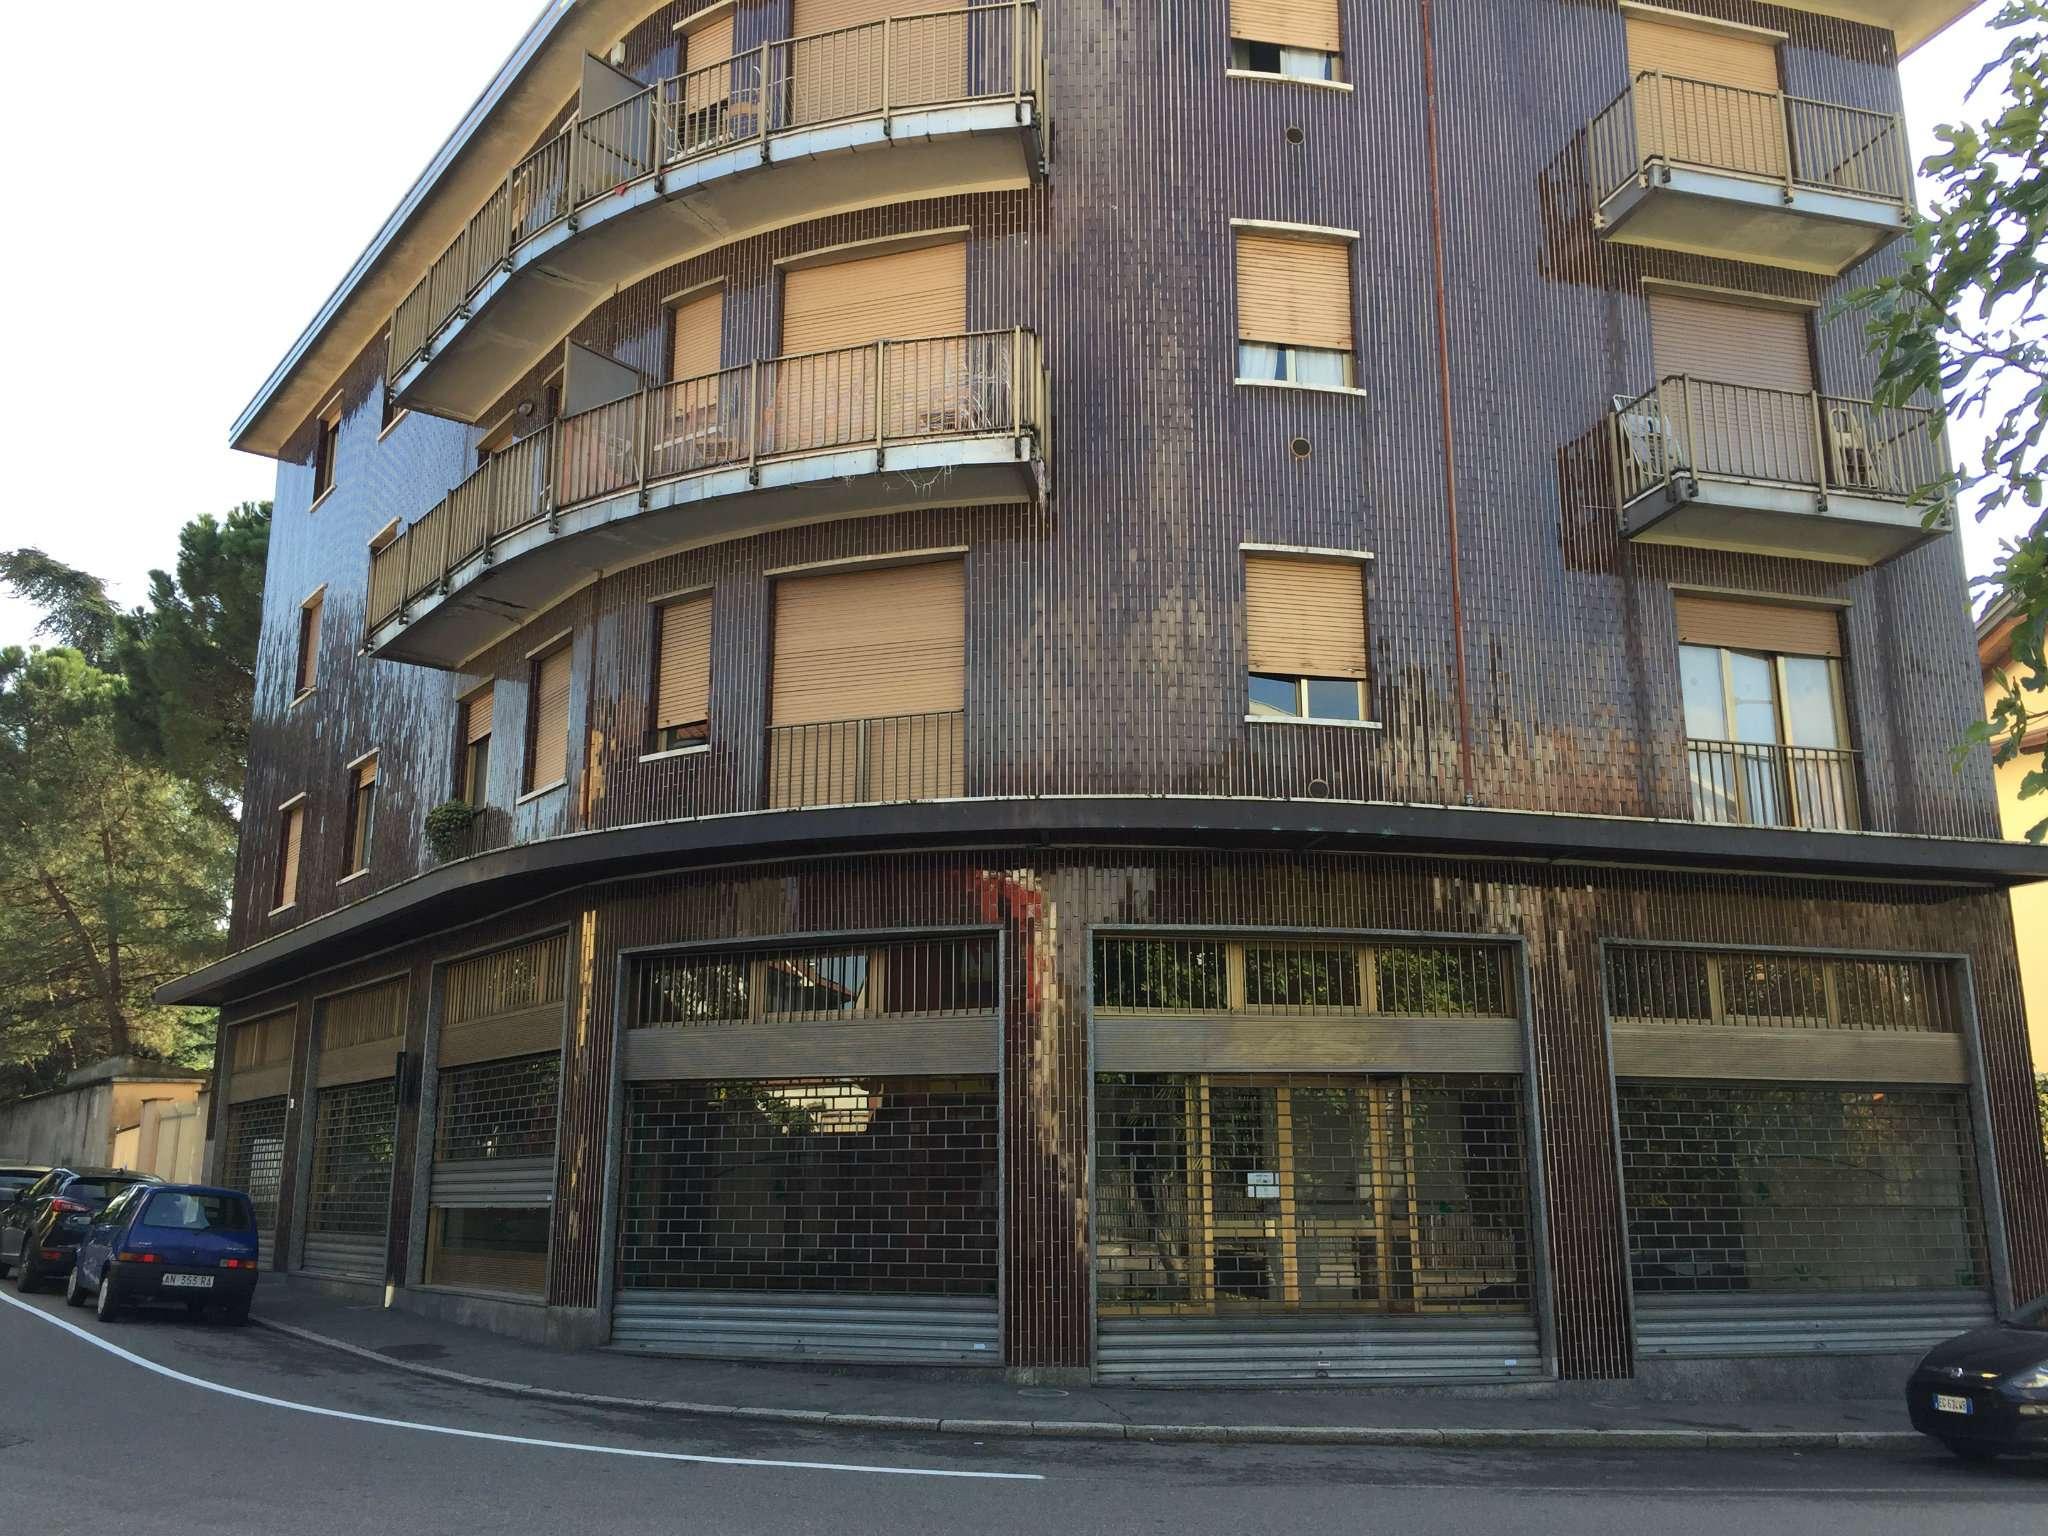 Negozio / Locale in vendita a Legnano, 4 locali, prezzo € 307.000 | CambioCasa.it